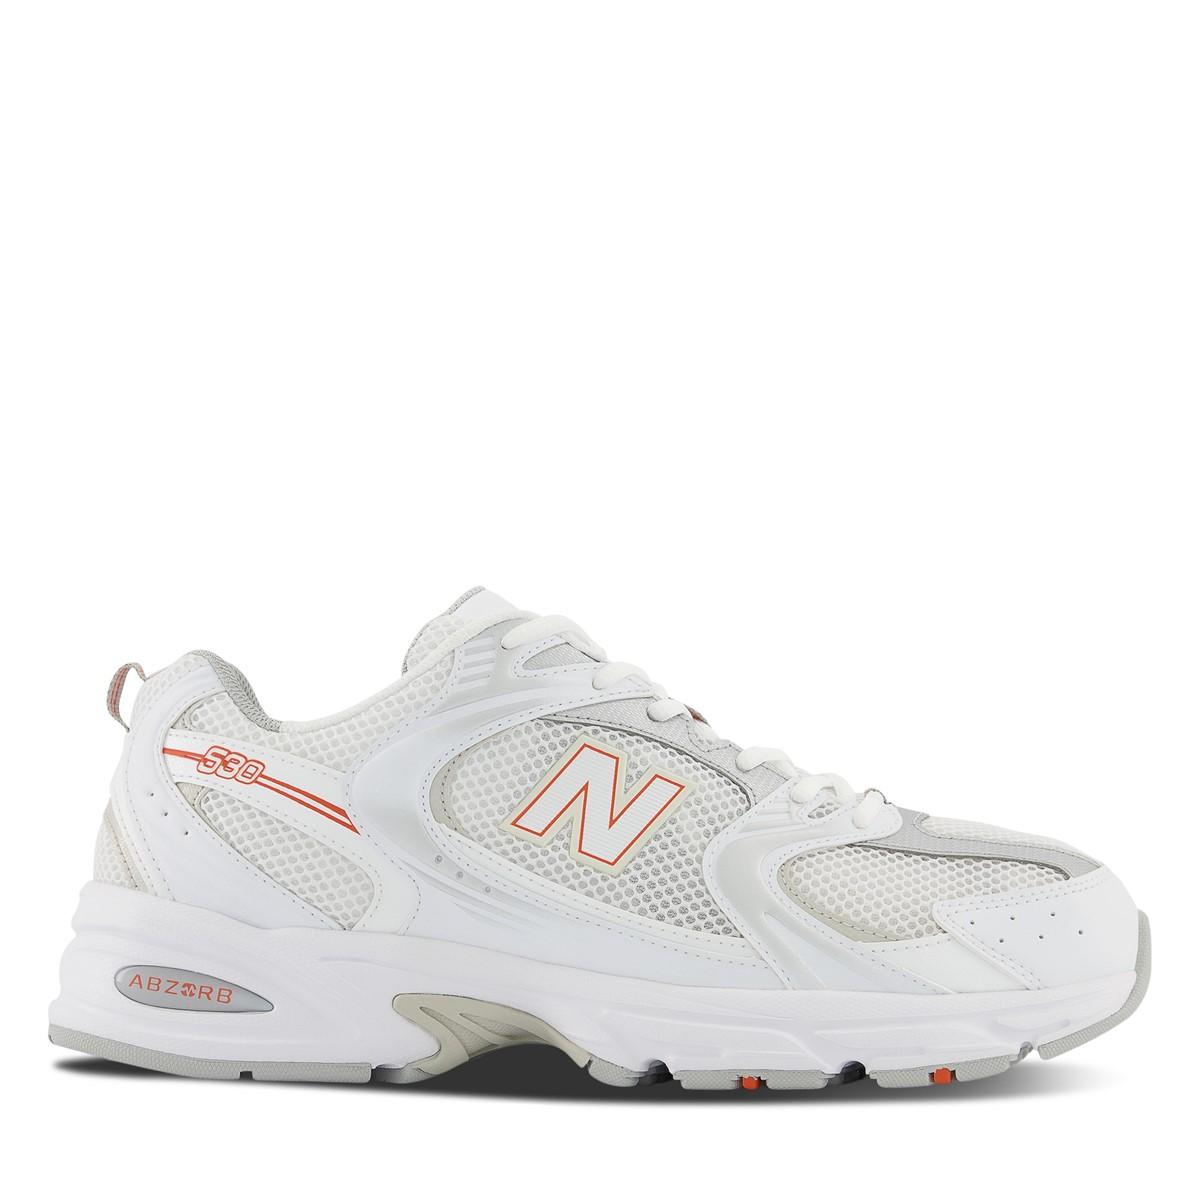 Women's 530 Sneakers in White/ Silver/ Orange